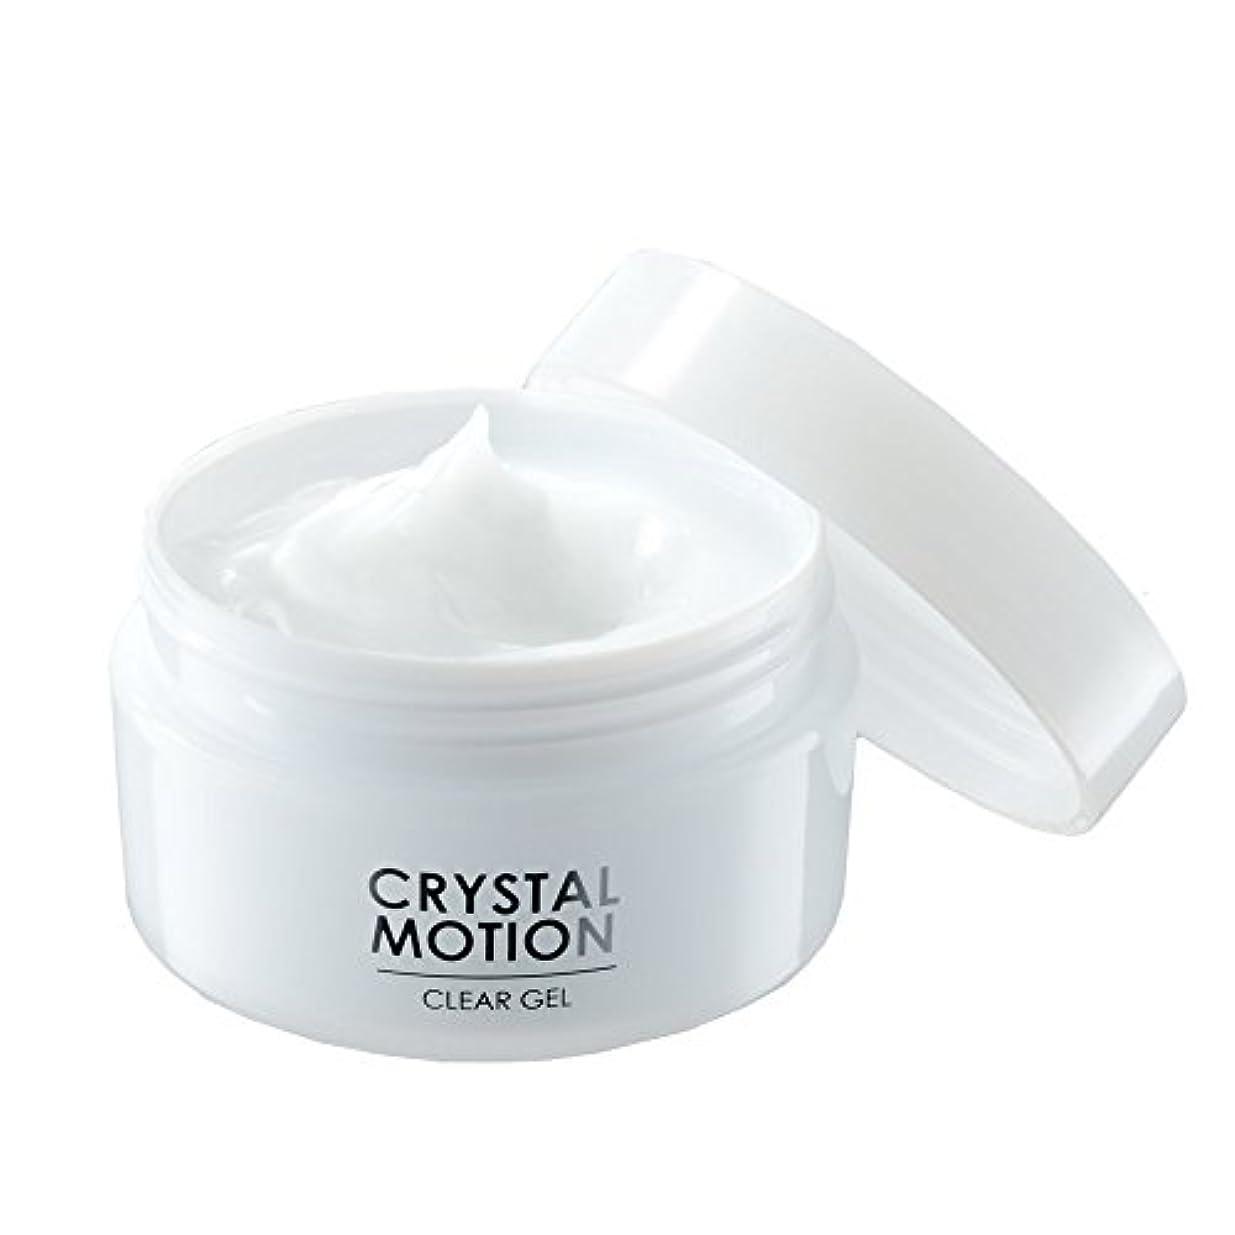 有毒退屈な疼痛クリスタルモーション CRYSTAL MOTION 薬用ニキビケアジェル 保湿 乾燥 美白 美肌 ニキビ 予防 1ヶ月分 60g